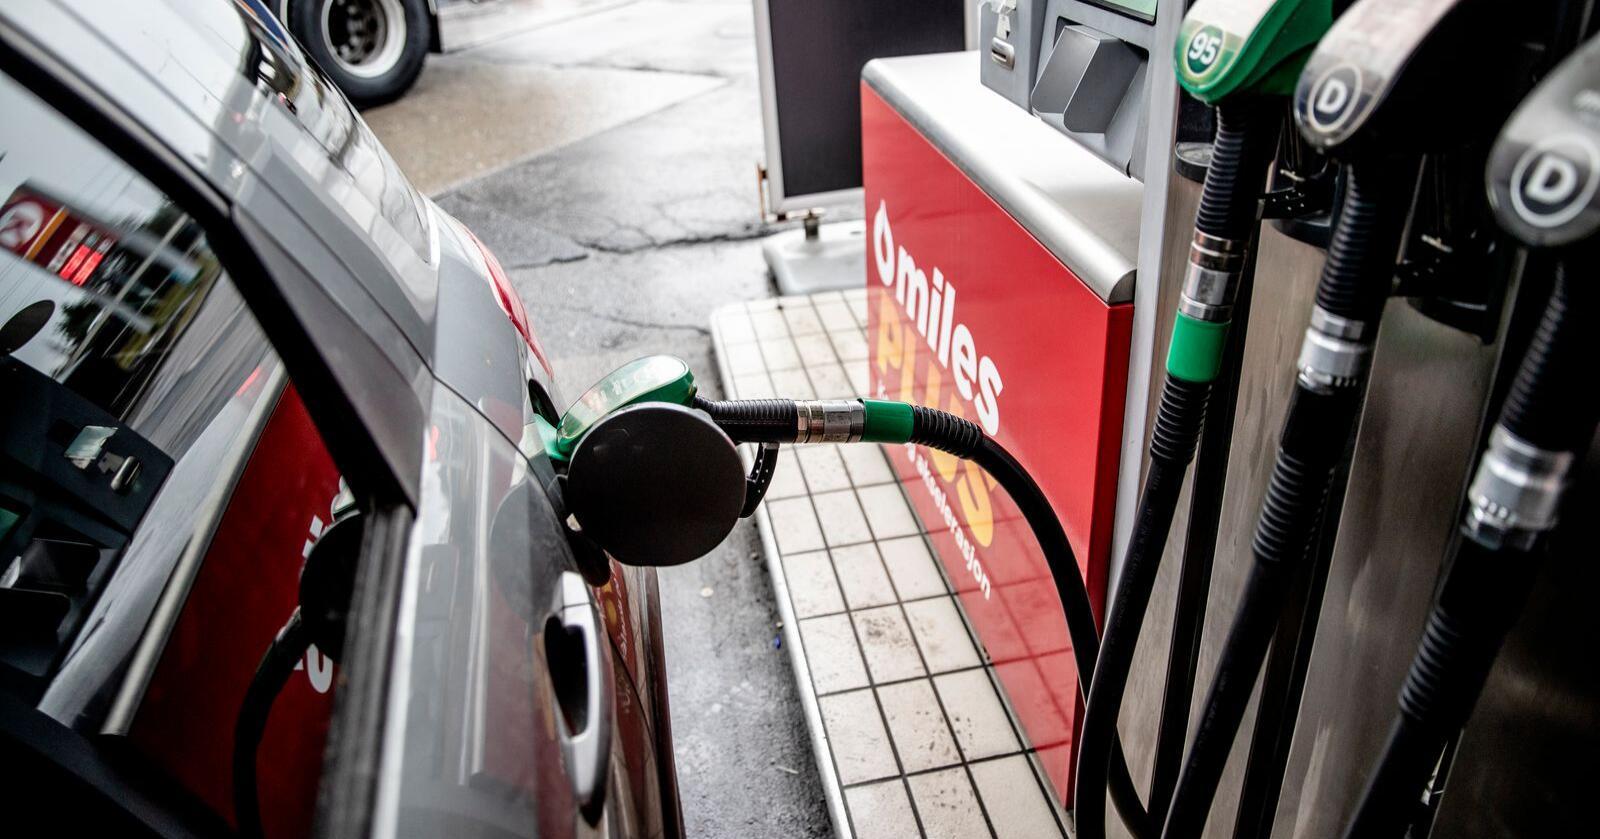 Pumpeprisen nærmer seg 20 kroner, mens den var på 13,56 i november. Foto: Stian Lysberg Solum / NTB